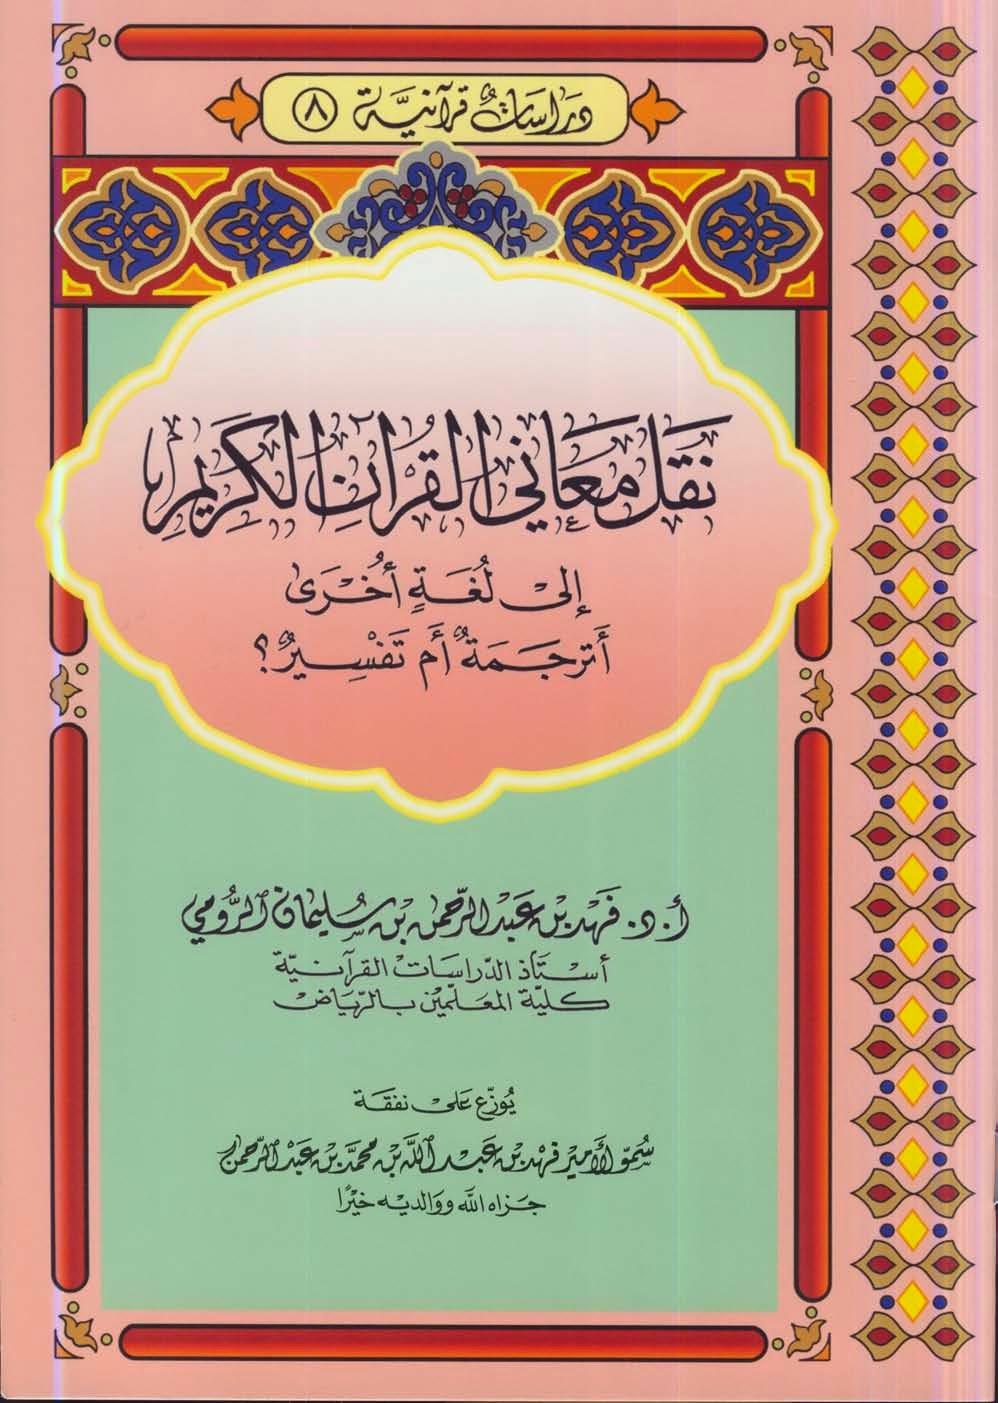 نقل معاني القرآن الكريم إلى لغة أخرى أترجمة أم تفسير ؟ - فهد الرومي pdf